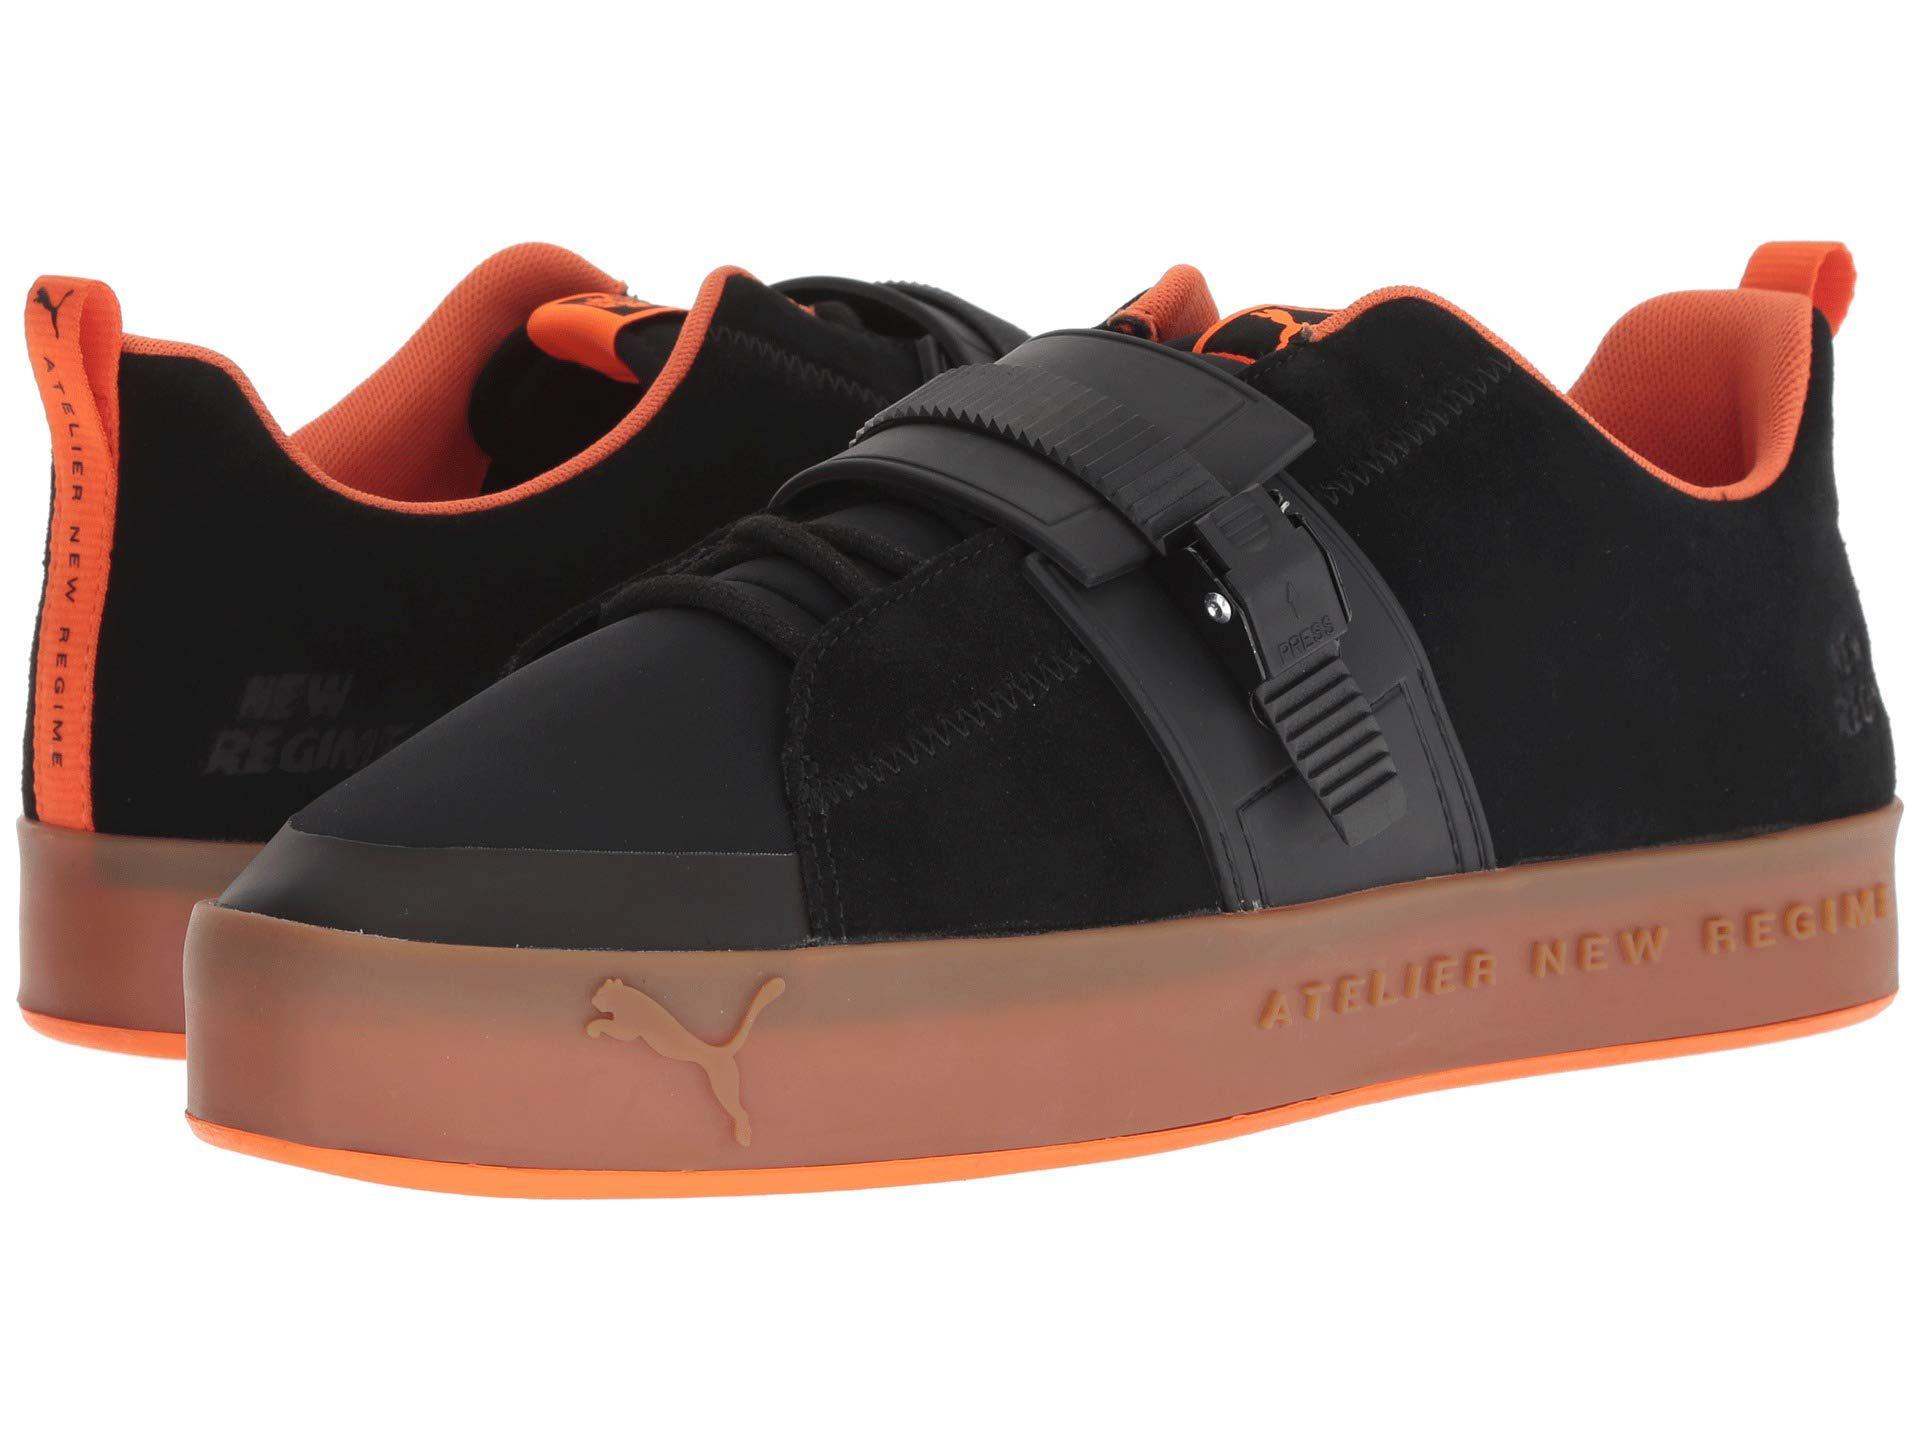 PUMA. Men s X Anr Atelier New Regime Court Platform Brace Sneaker ( Black scarlet  Ibis) Shoes 906d6d65b